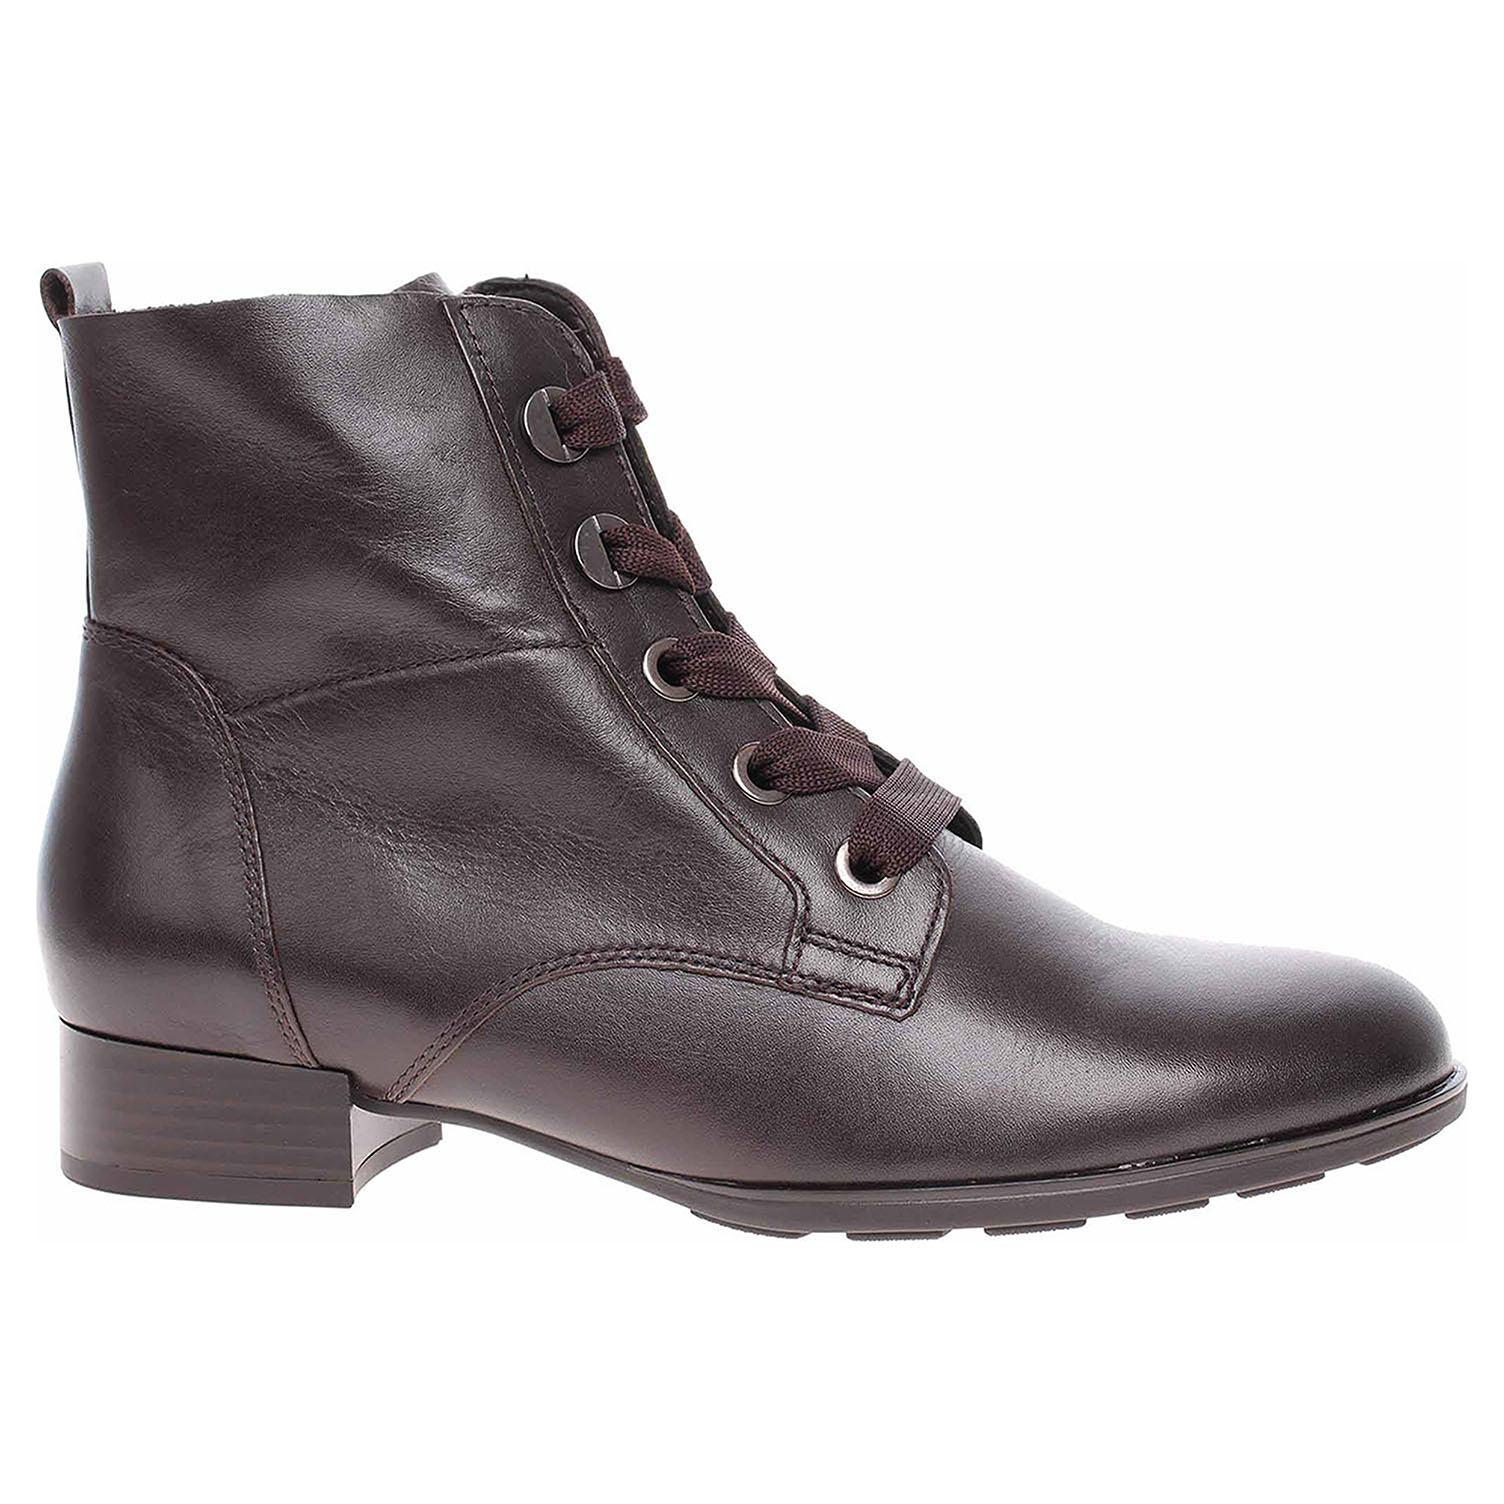 Dámská kotníková obuv Gabor 55.502.28 espresso 55.502.28 38